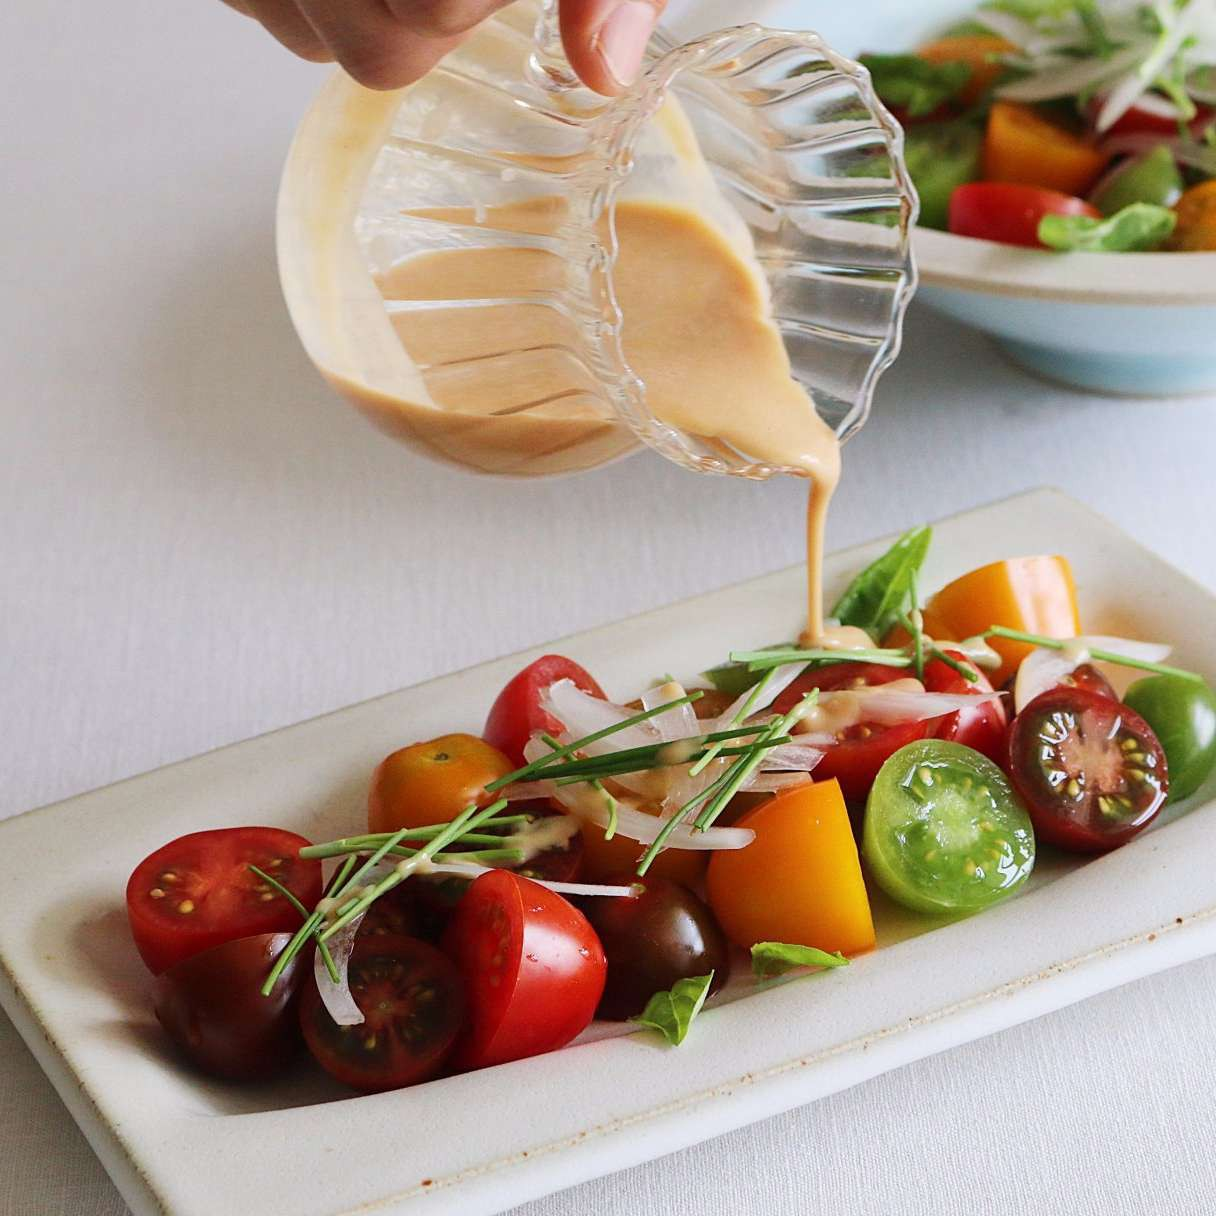 Với công thức nước xốt này tôi chỉ làm 1 lần mà có thể ăn salad cả tuần! - Ảnh 4